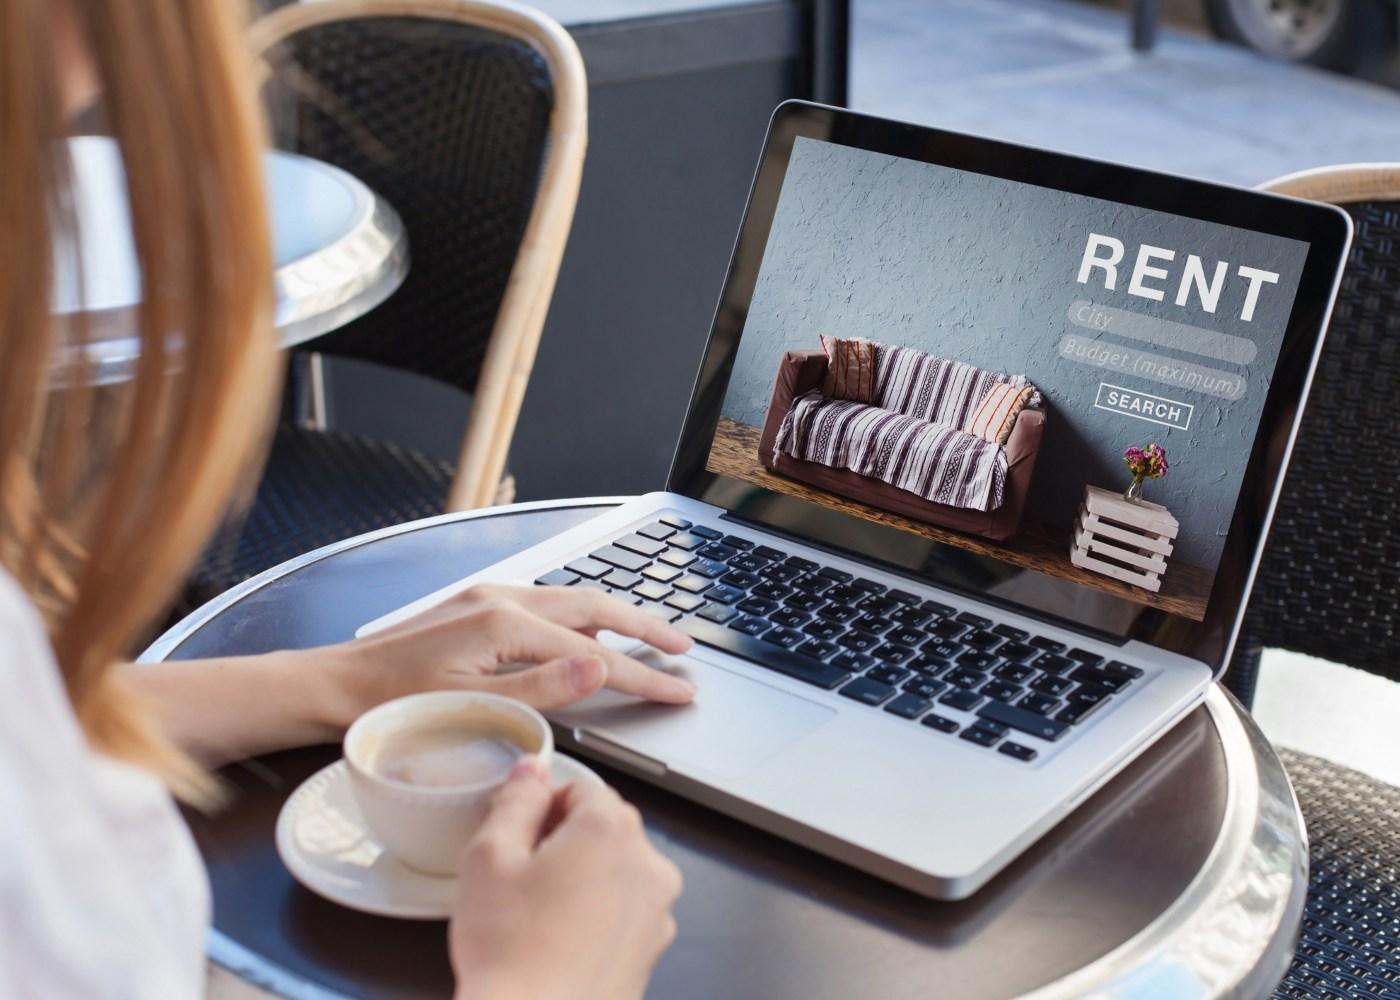 mulher no café à procura de casas para arrendar no computador